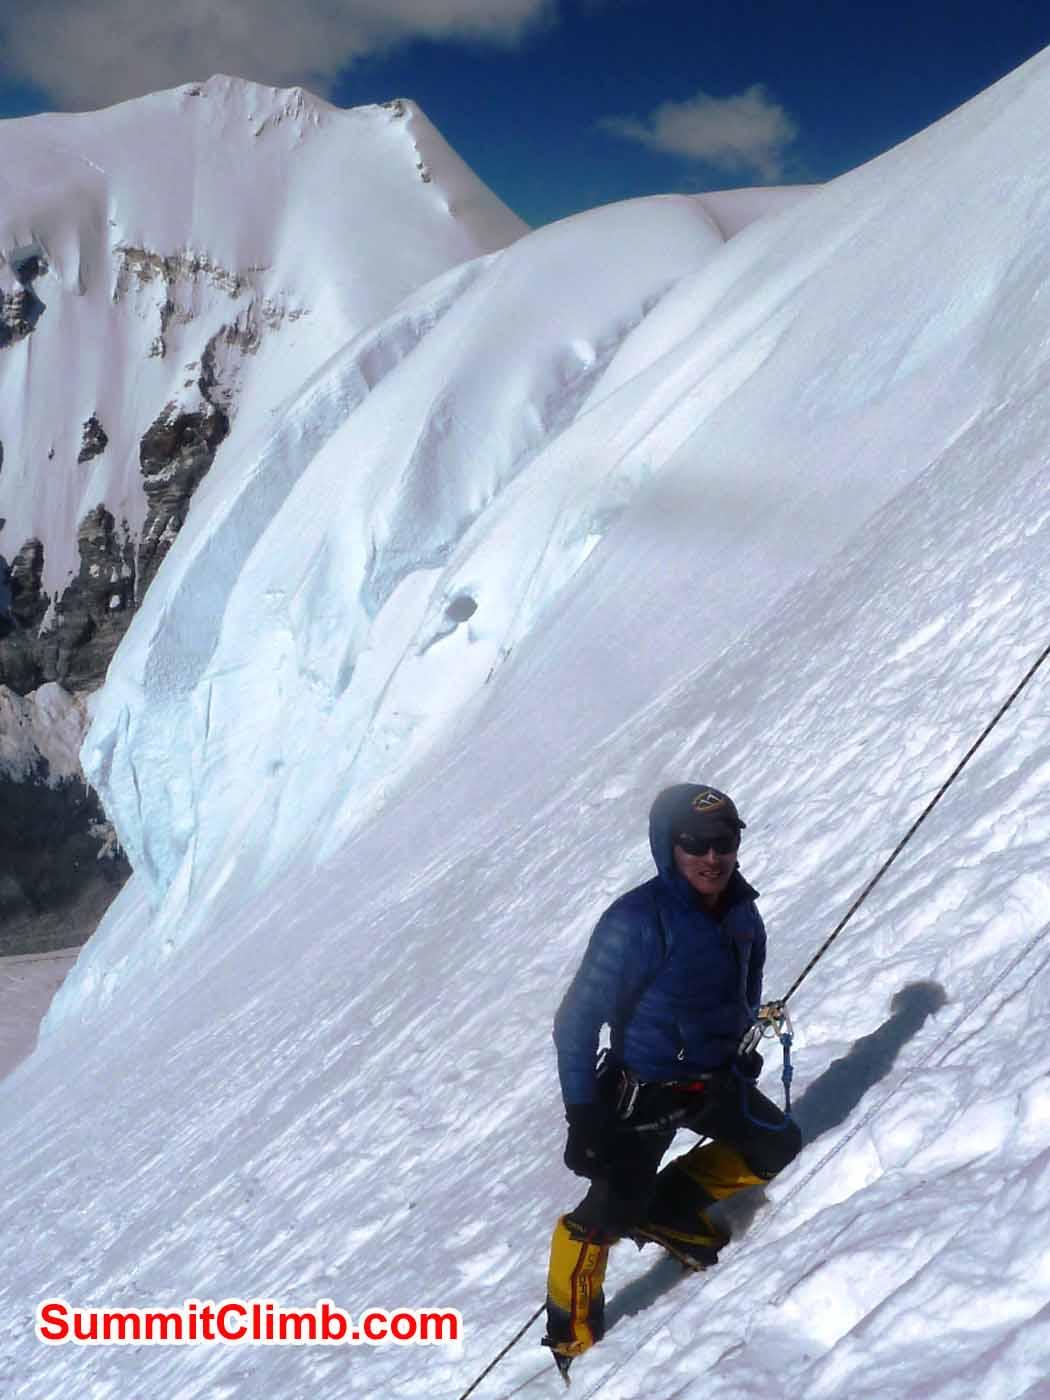 Ang Pasang Sherpa abseiling steep snow. Photo by Marina Cortes